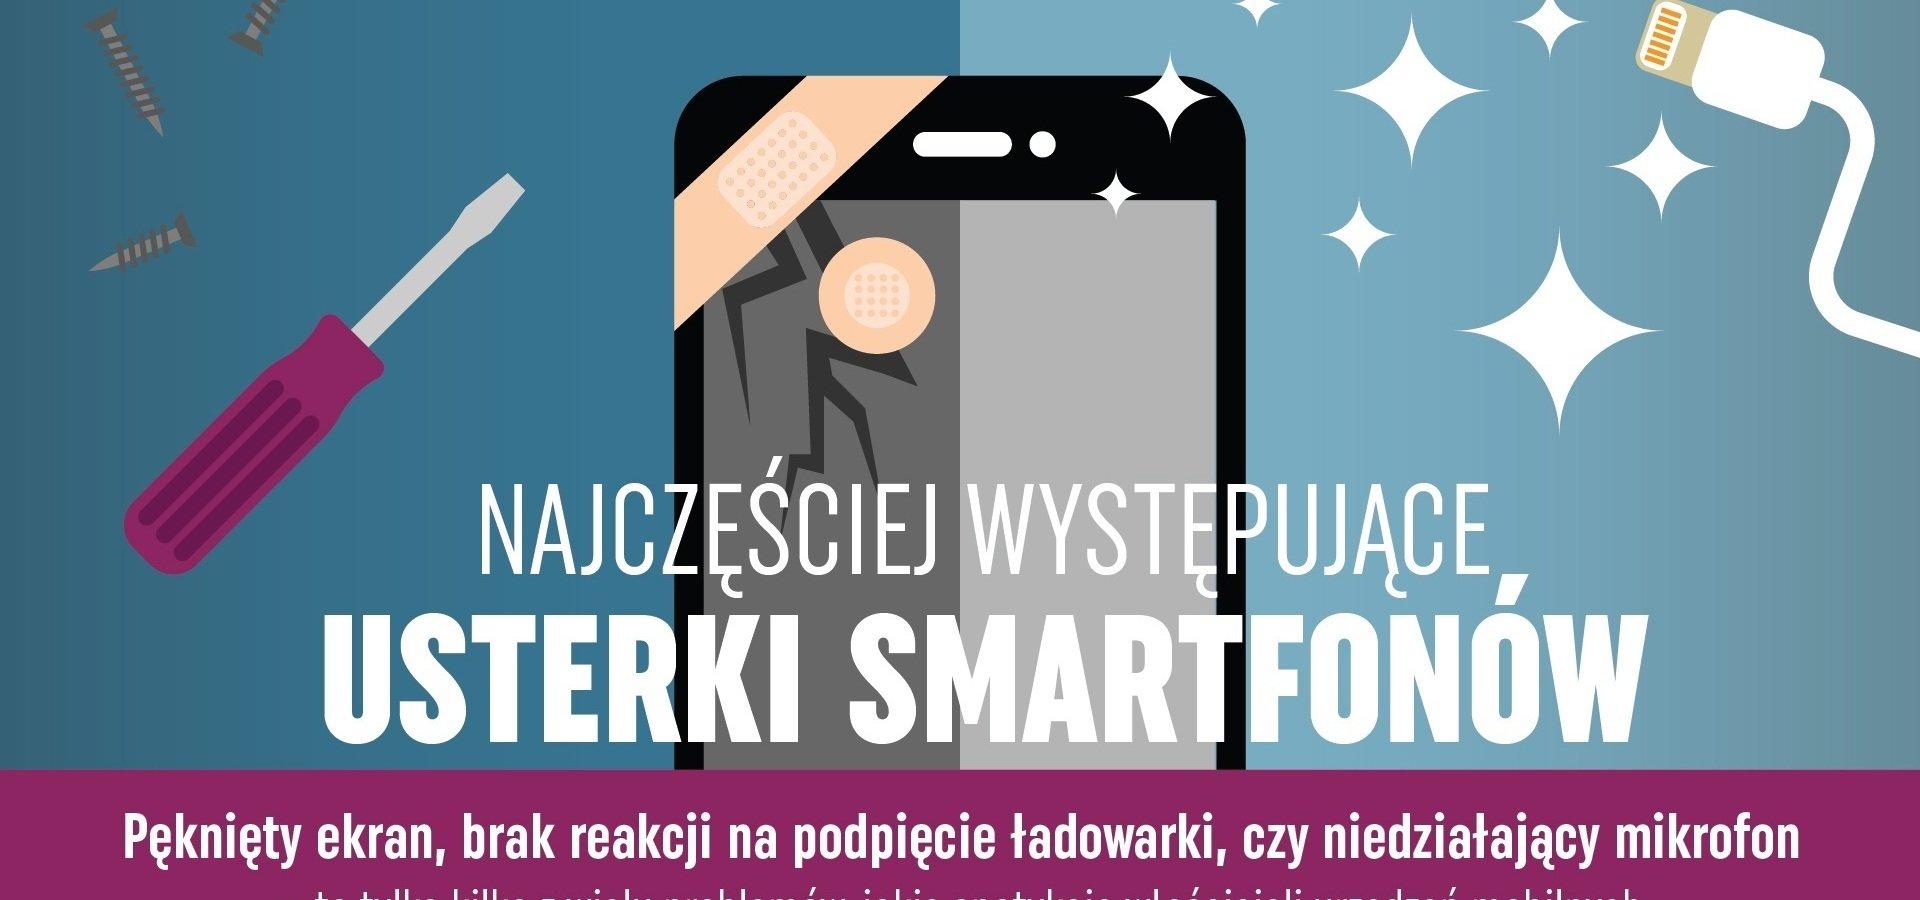 Najczęściej występujące usterki smartfonów